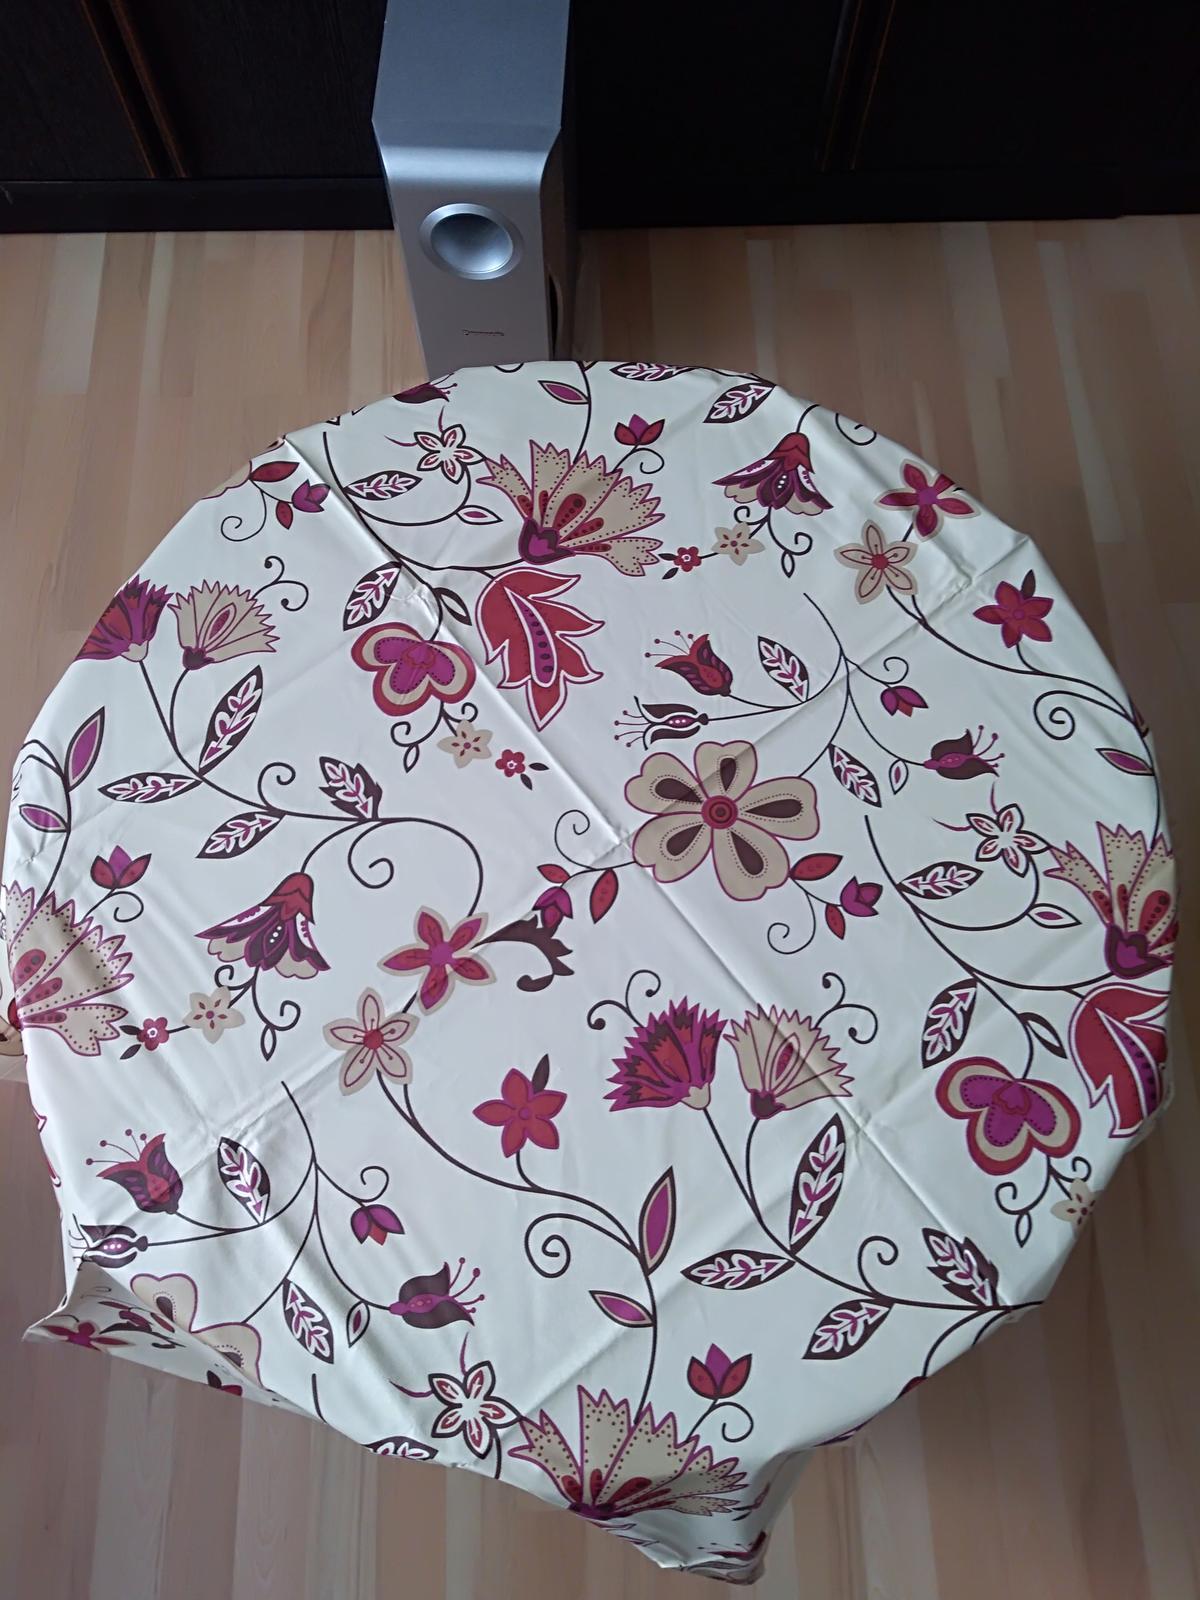 Okrúhly obrus z PVC priemer 150 cm - Obrázok č. 1